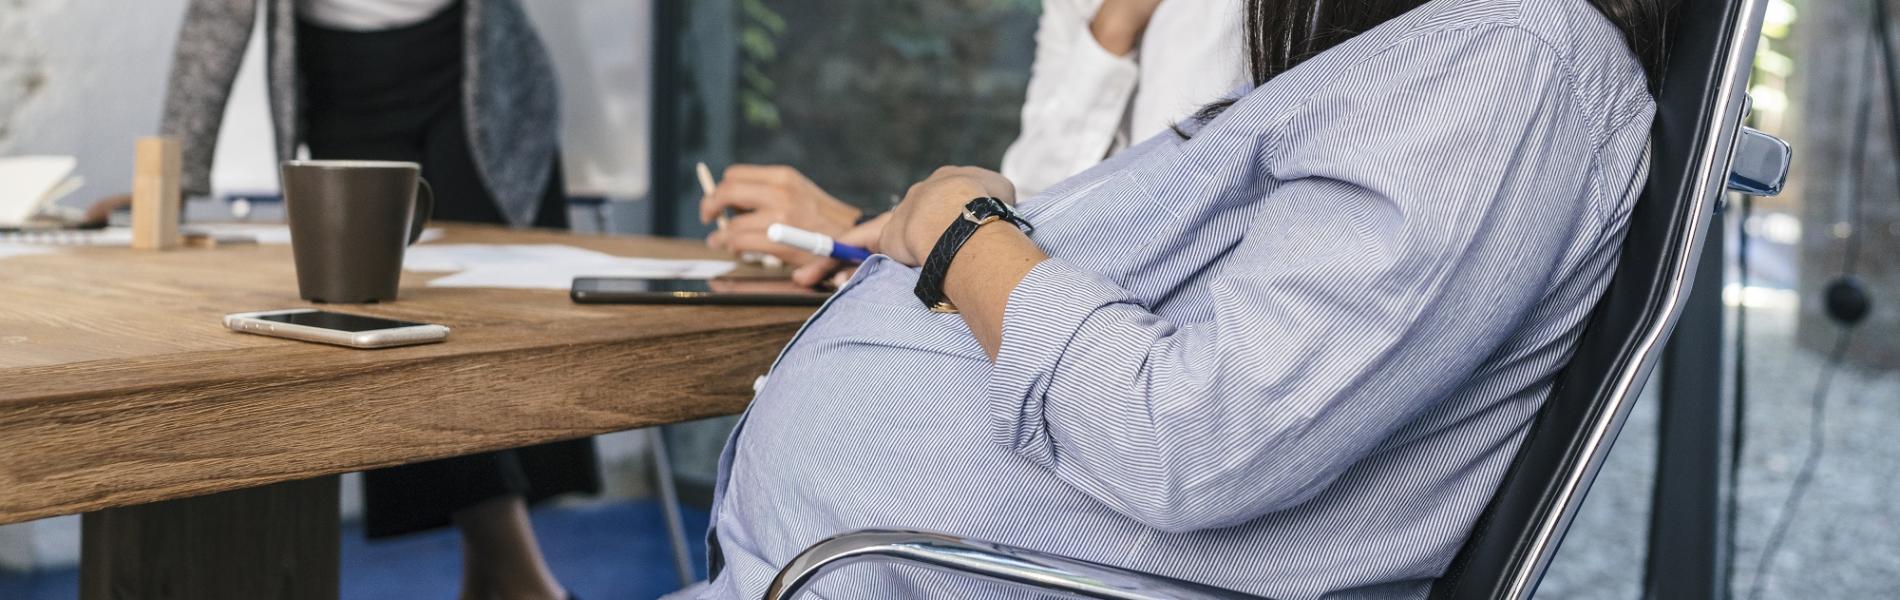 מחקר חדש חושף את העמדה השלילית של מעסיקים על נשים בהיריון ואמהות טריות